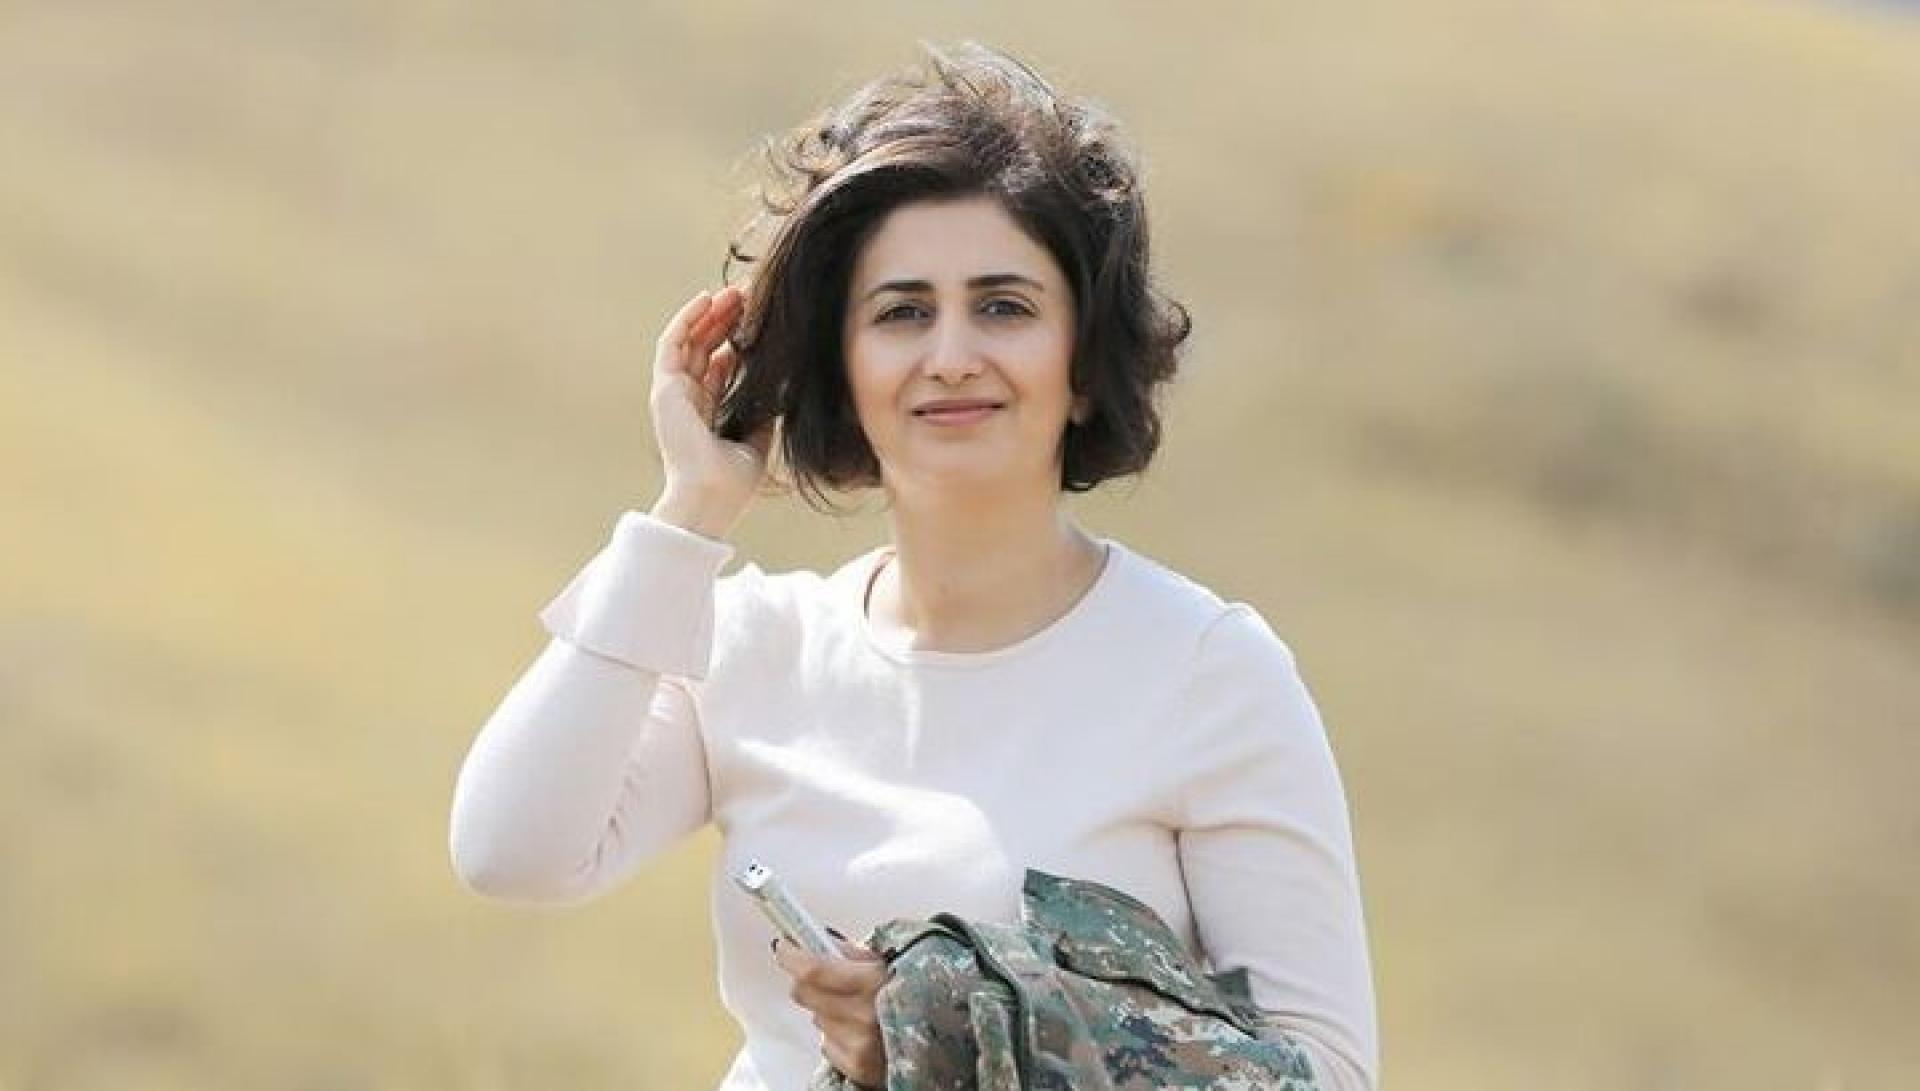 Ադրբեջանական զինուժի զինծառայող է գերեվարվել, Շուշան Ստեփանյան